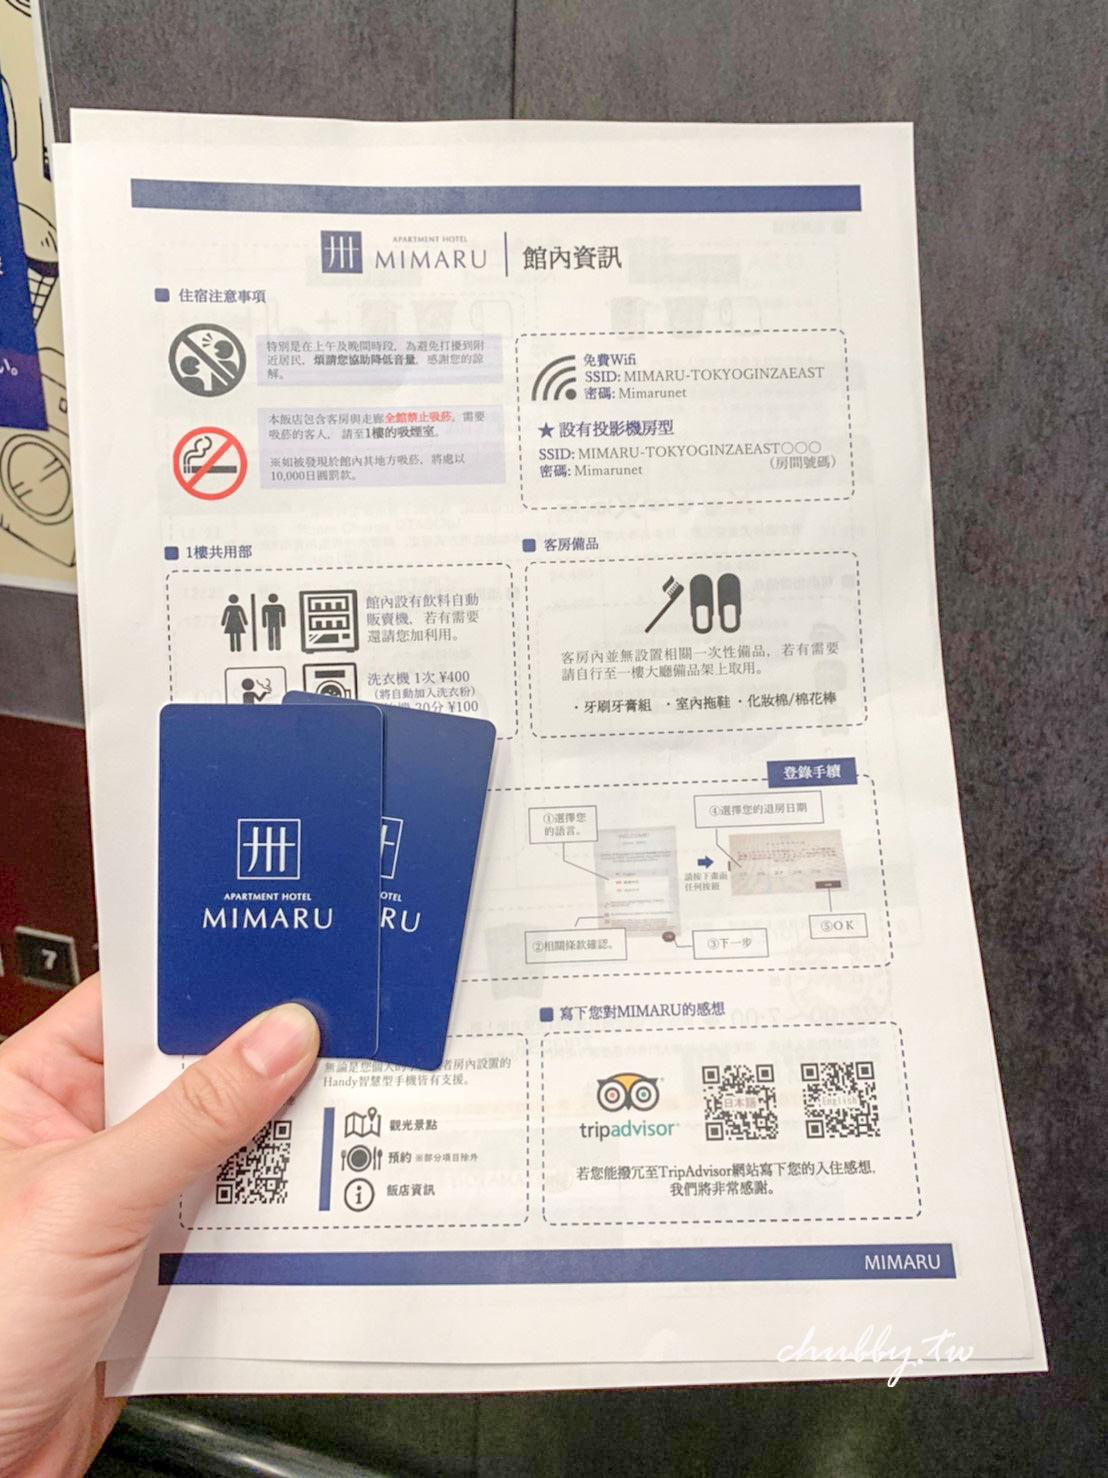 銀座飯店推薦:MIMARU東京銀座EAST,投影電視牆!像自己家一樣便利的公寓式酒店